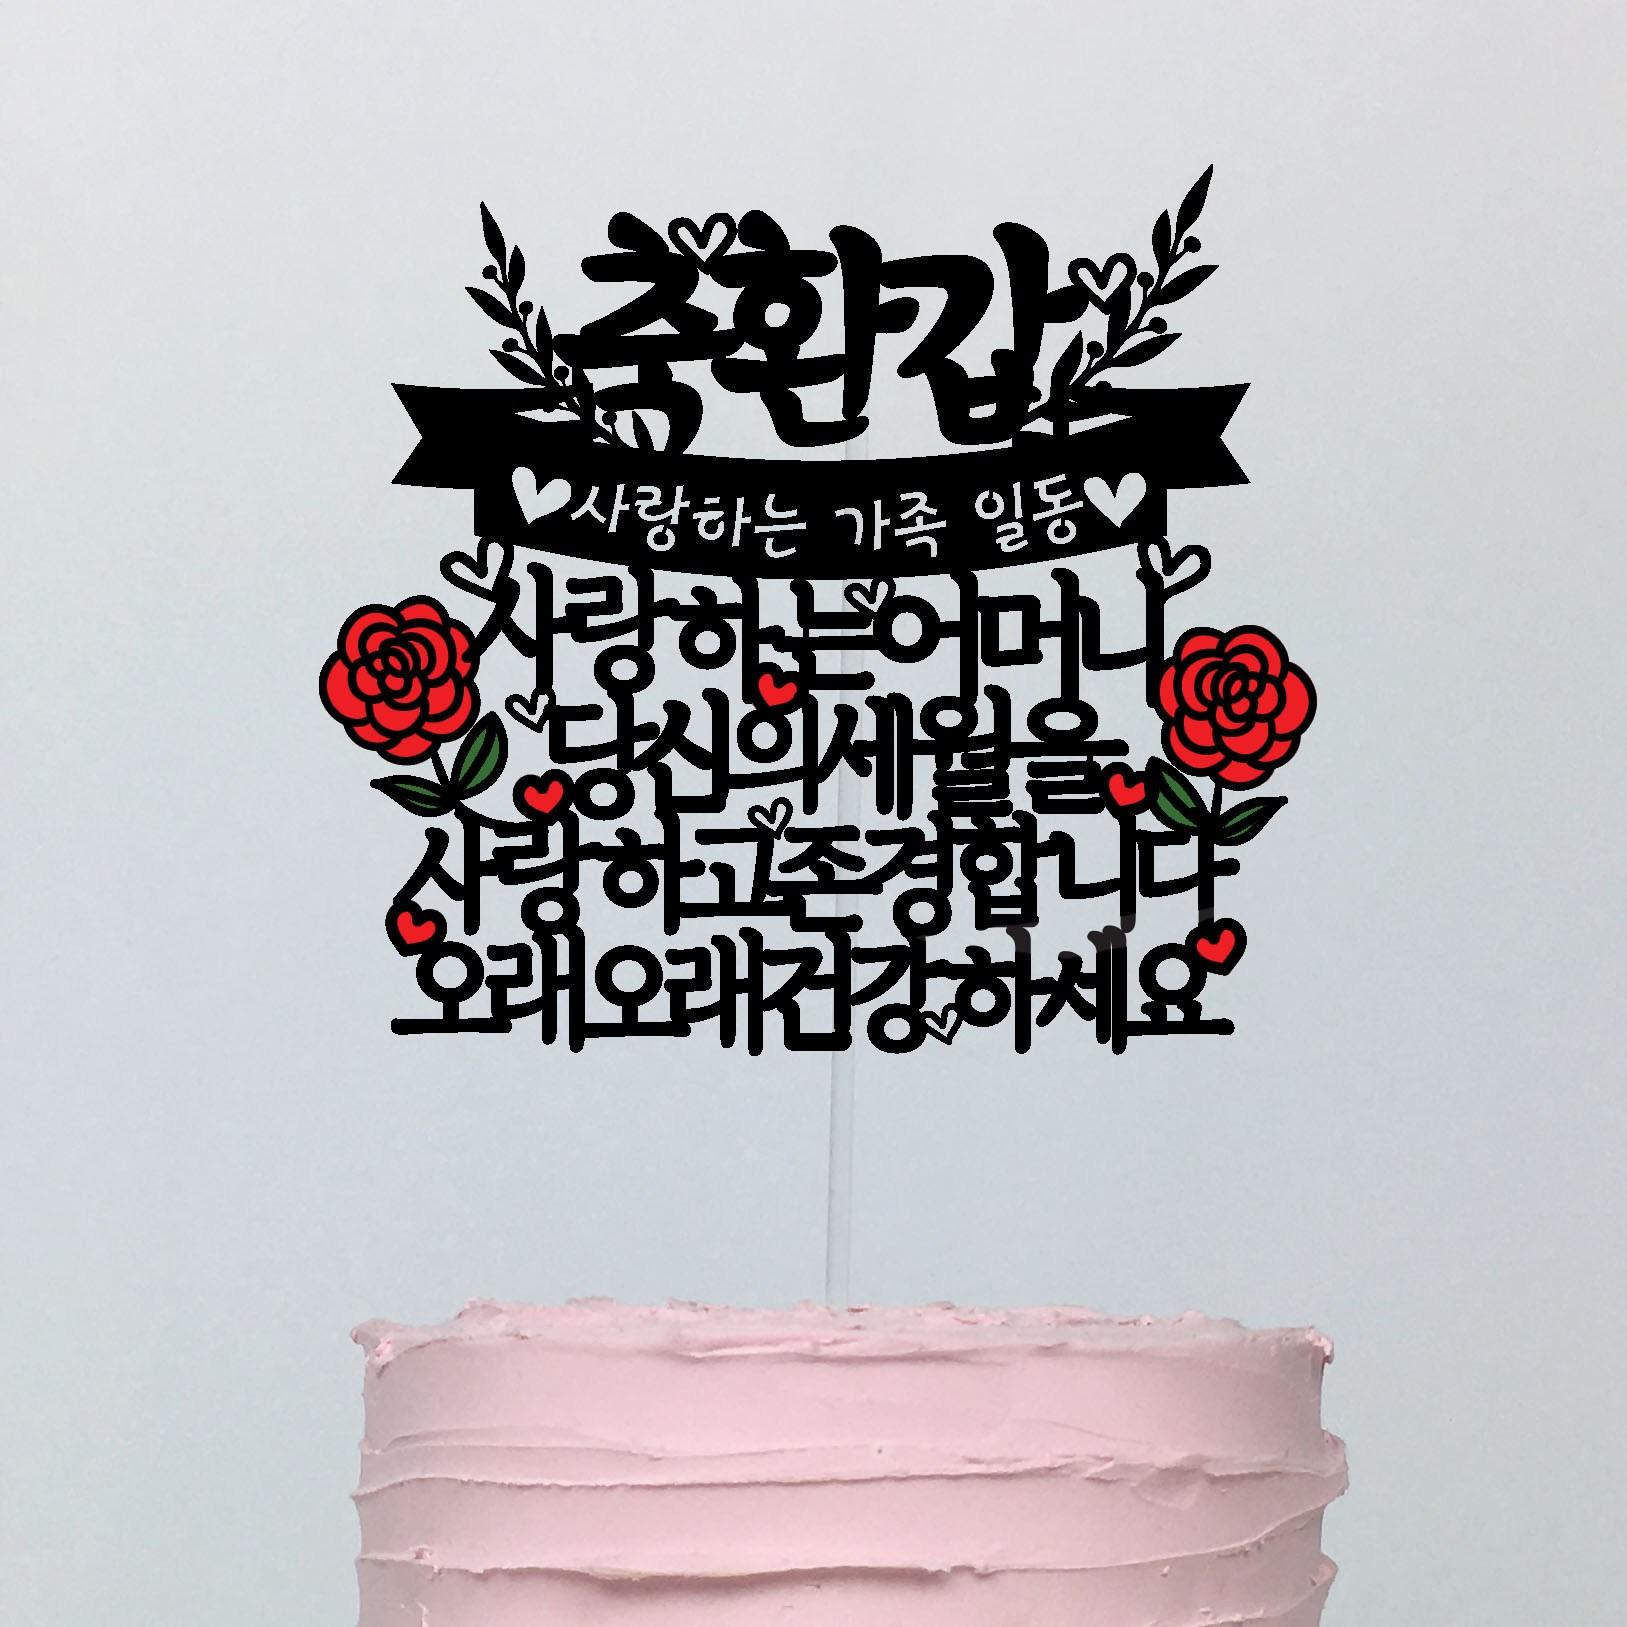 써봄토퍼 부모님선물 편지 생신 환갑 고희 케이크토퍼, 축환갑-어머니